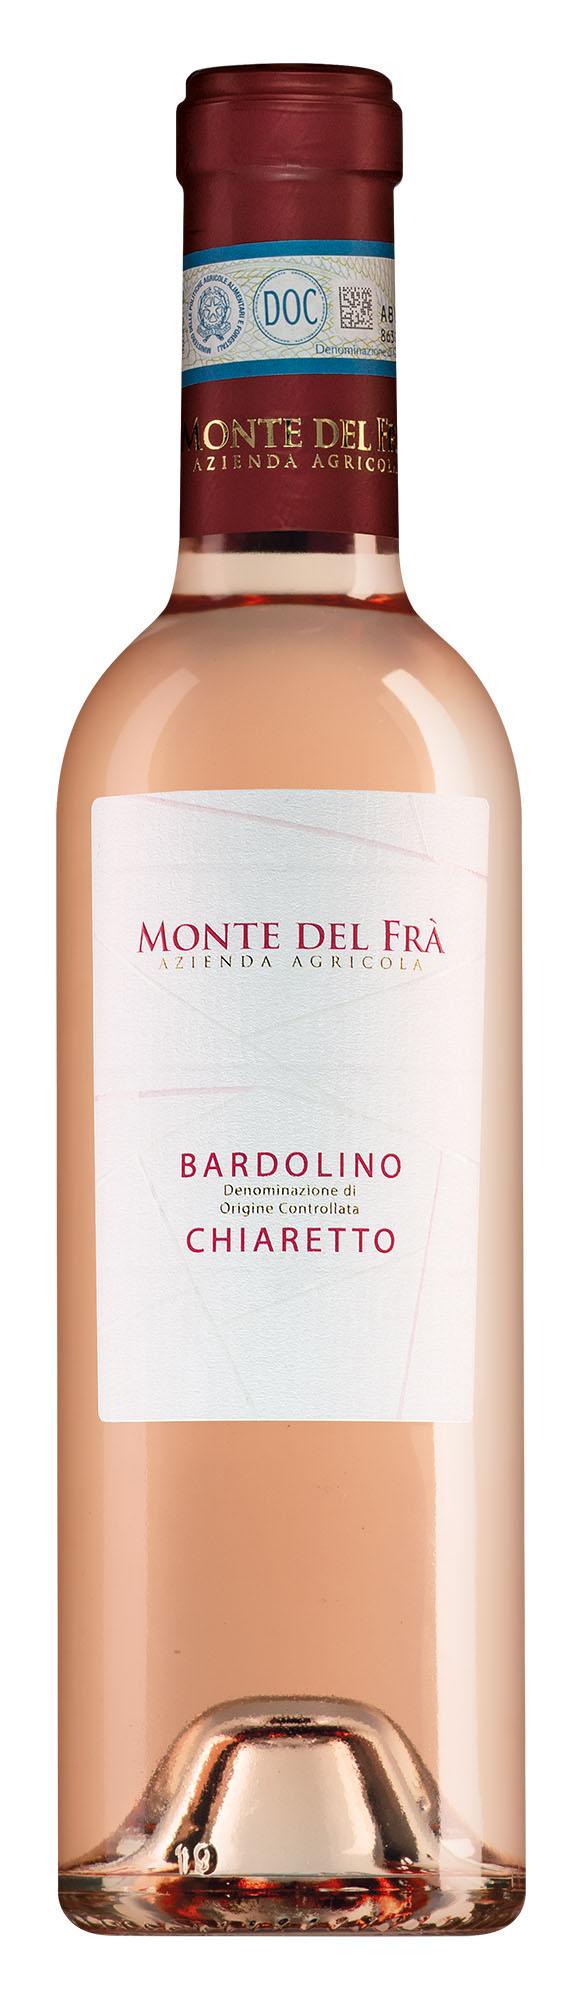 Monte del Frà Bardolino Chiaretto halve fles